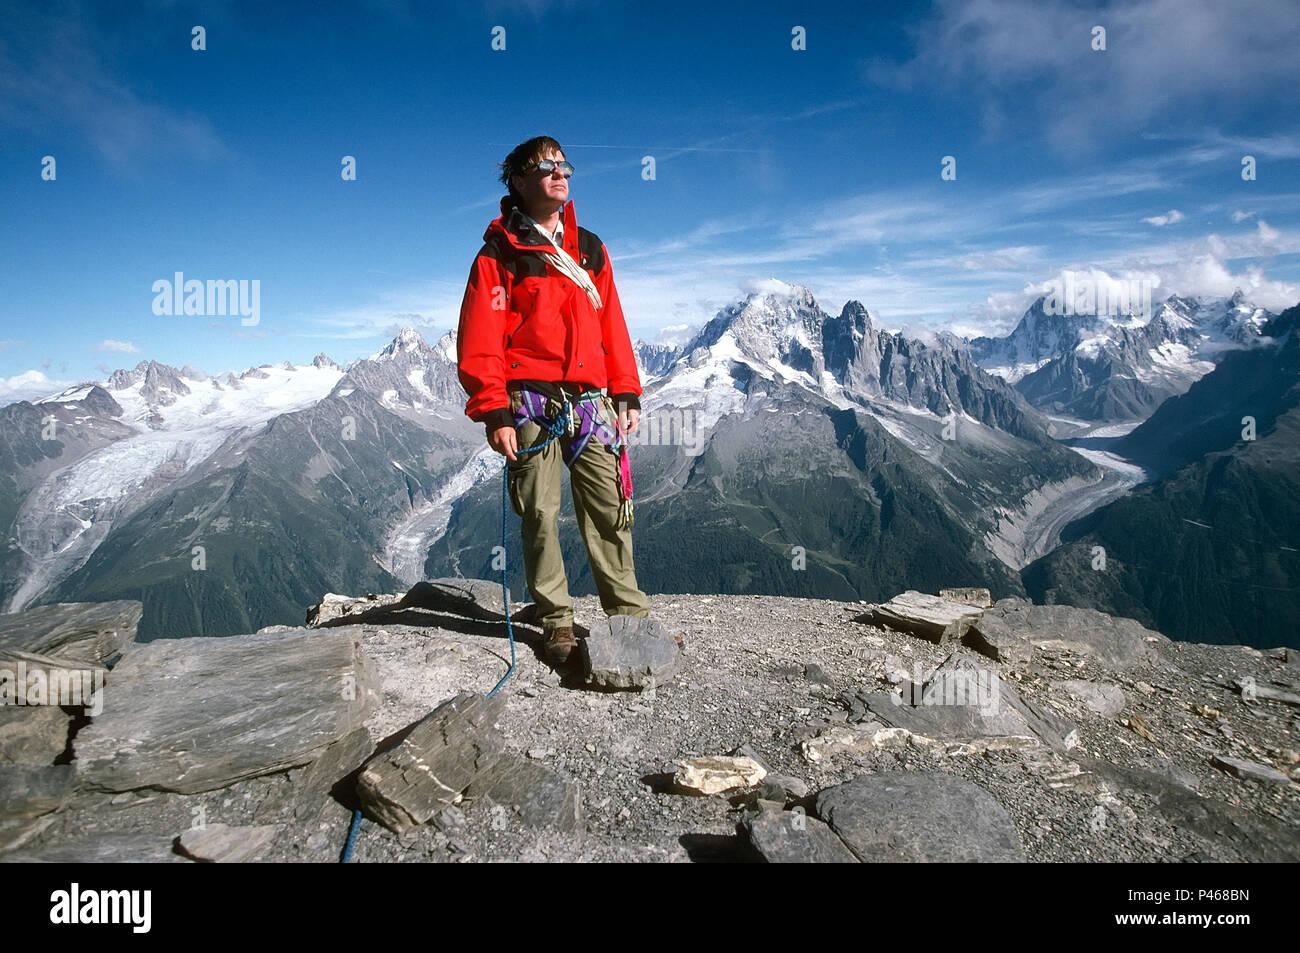 Ein Bergsteiger auf dem Gipfel der Aiguille de la Belvedere in den Alpen von Chamonix, Frankreich Stockbild